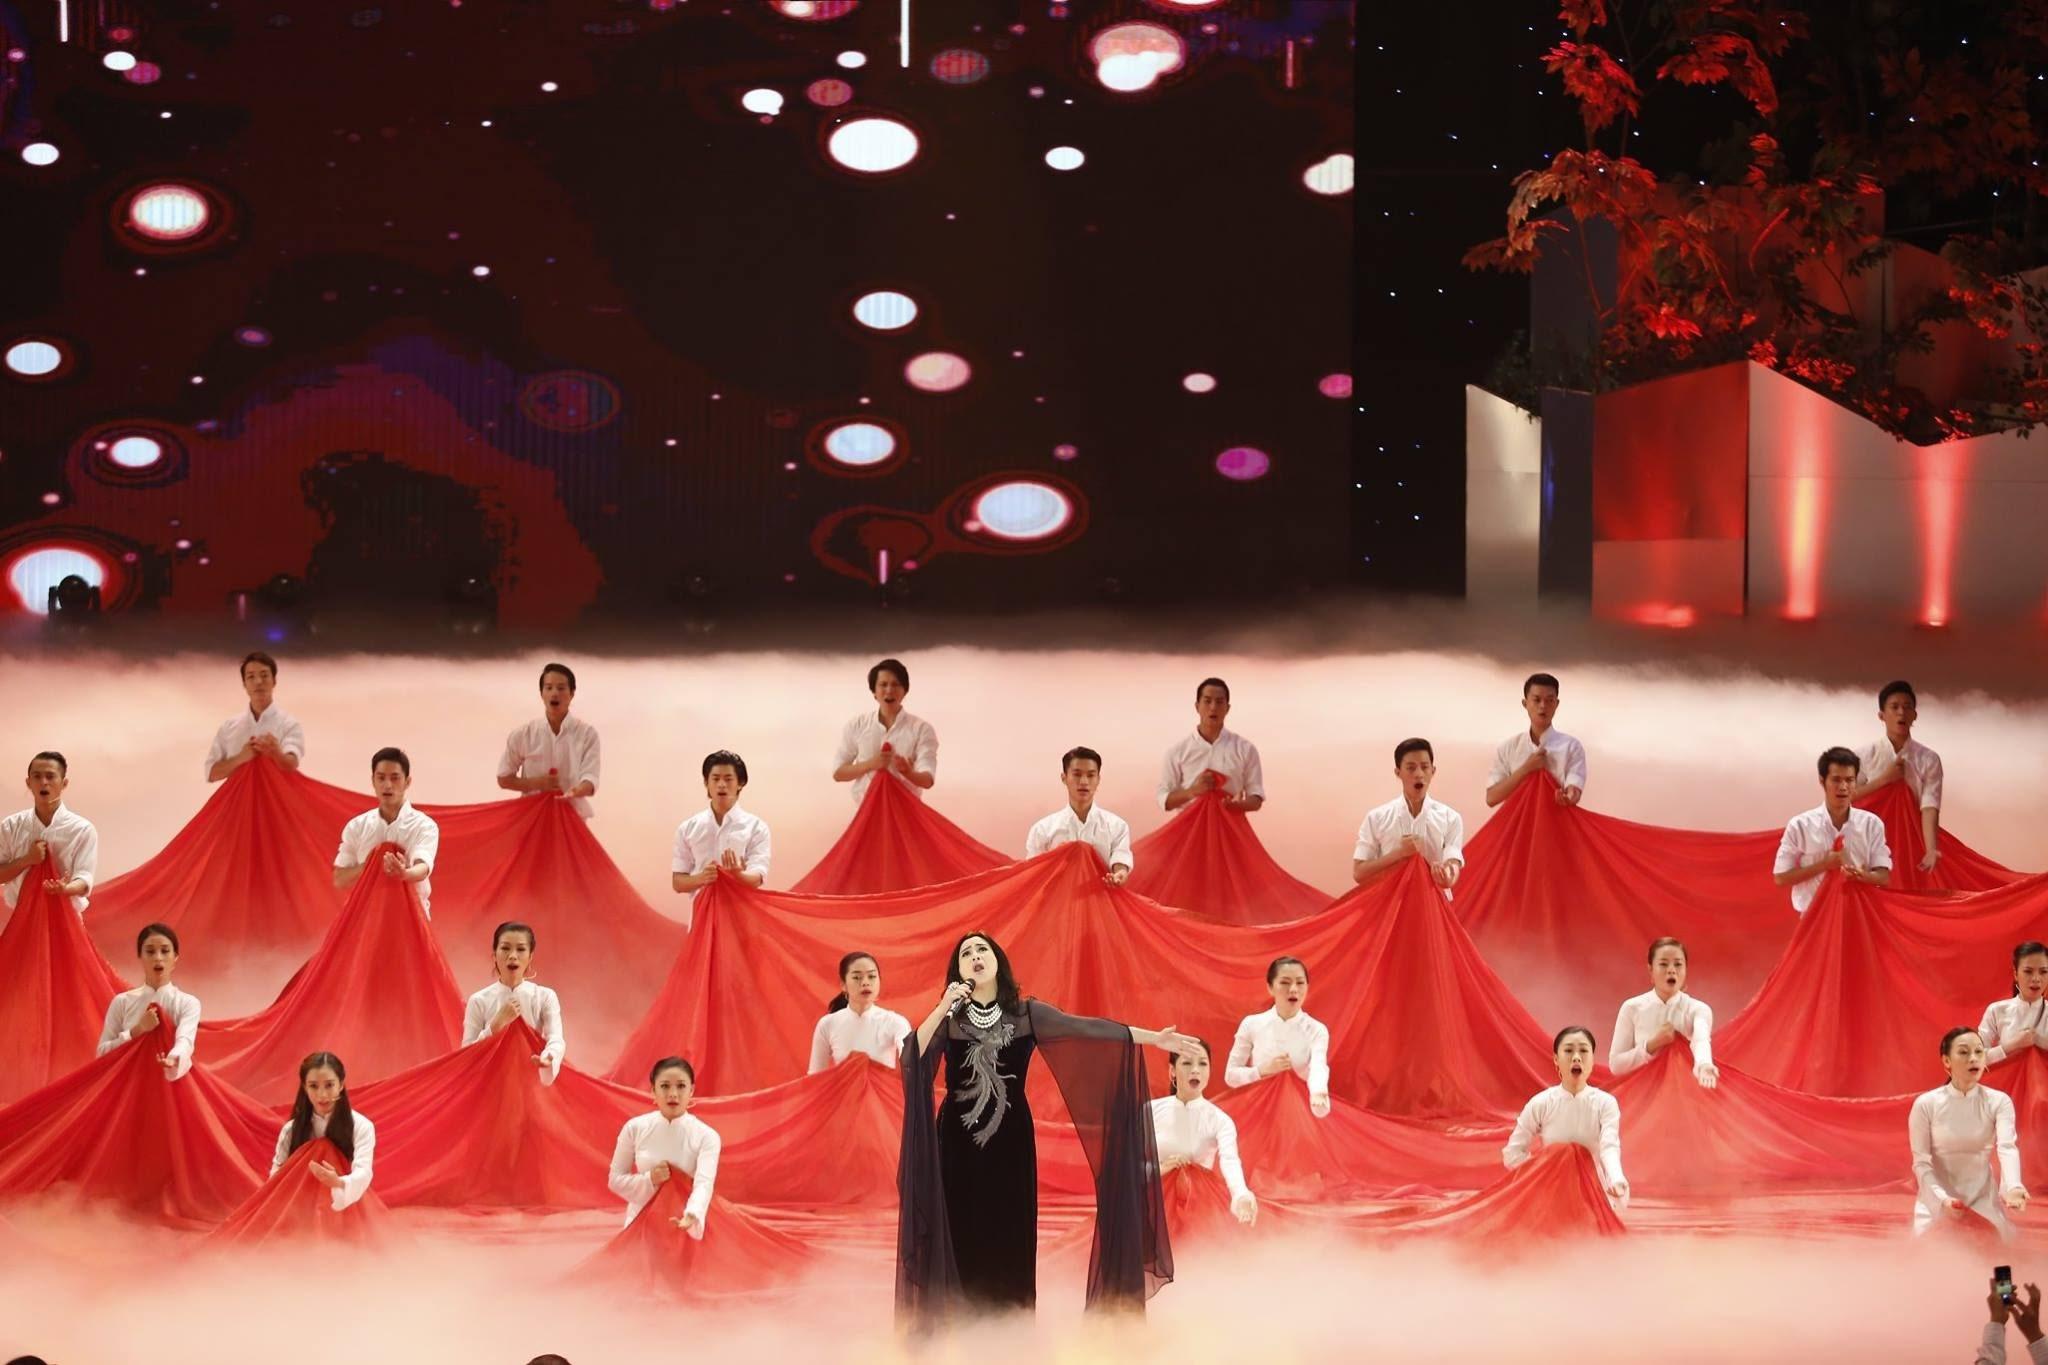 Tiết mục Màu hoa đỏ do NSƯT Thanh Lam thể hiện trong chương trình Giai điệu tự hào 2015. Ảnh: TL.